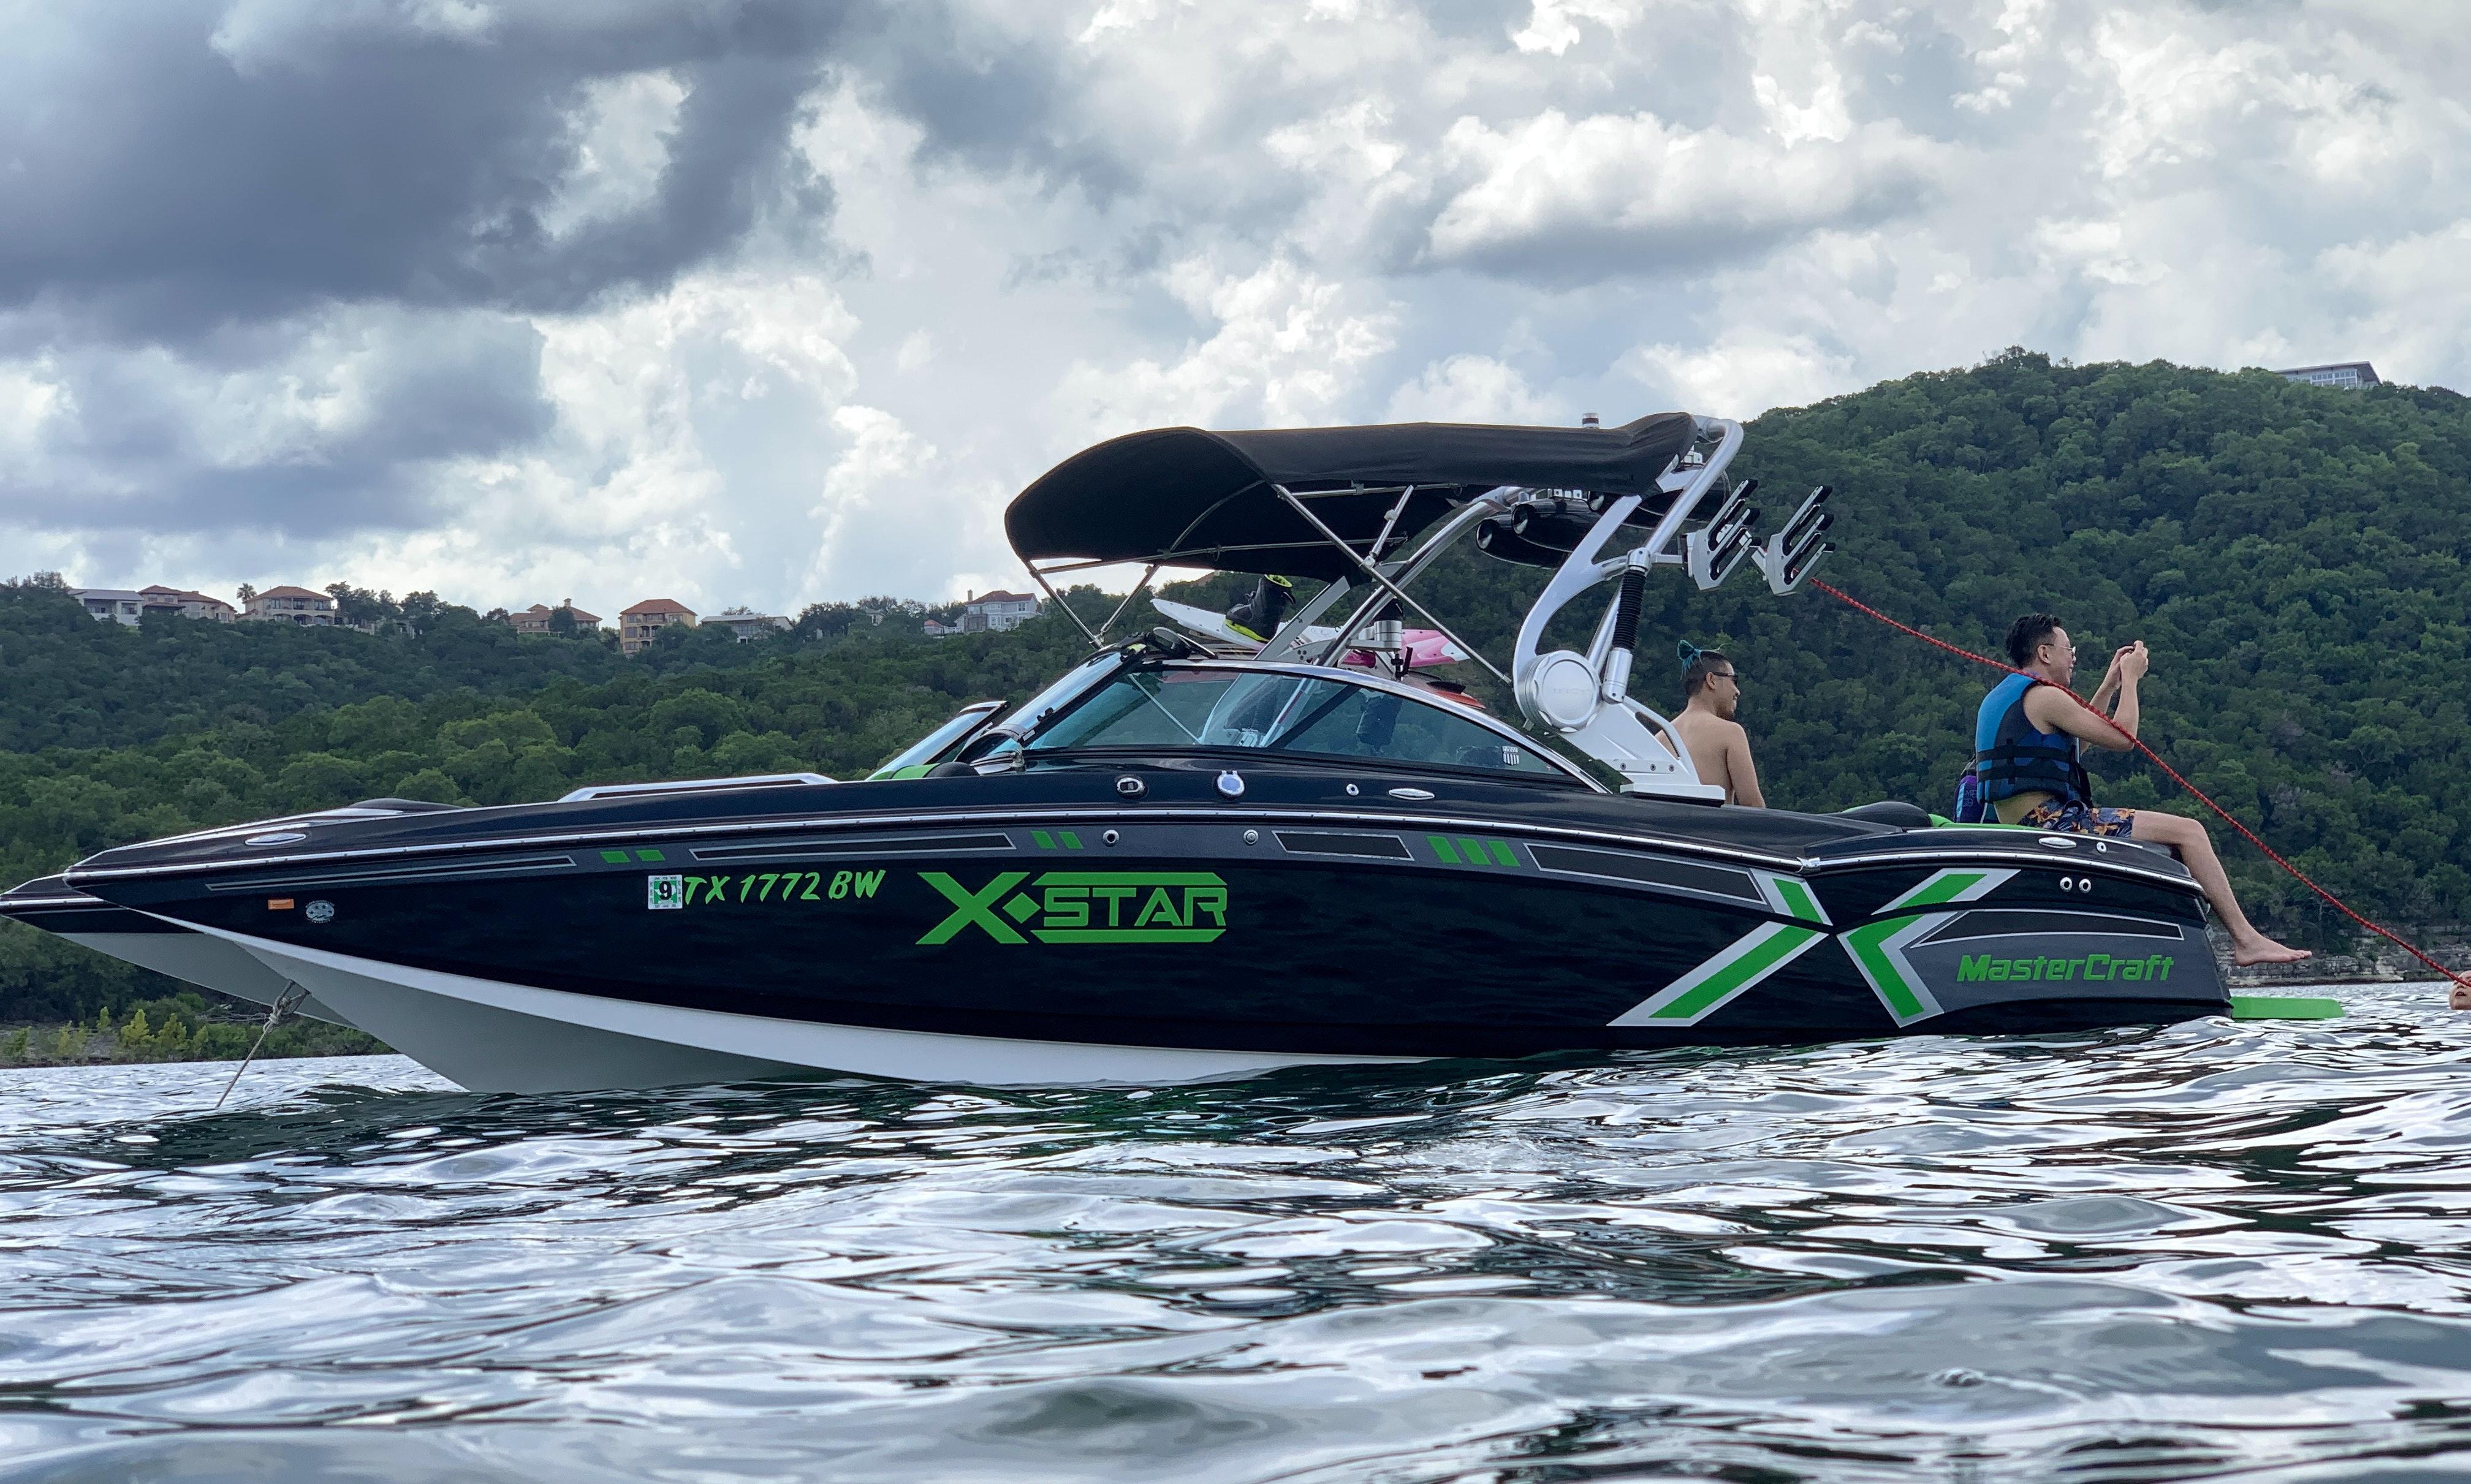 Mastercraft X Star For Rent On Lake Travis Getmyboat